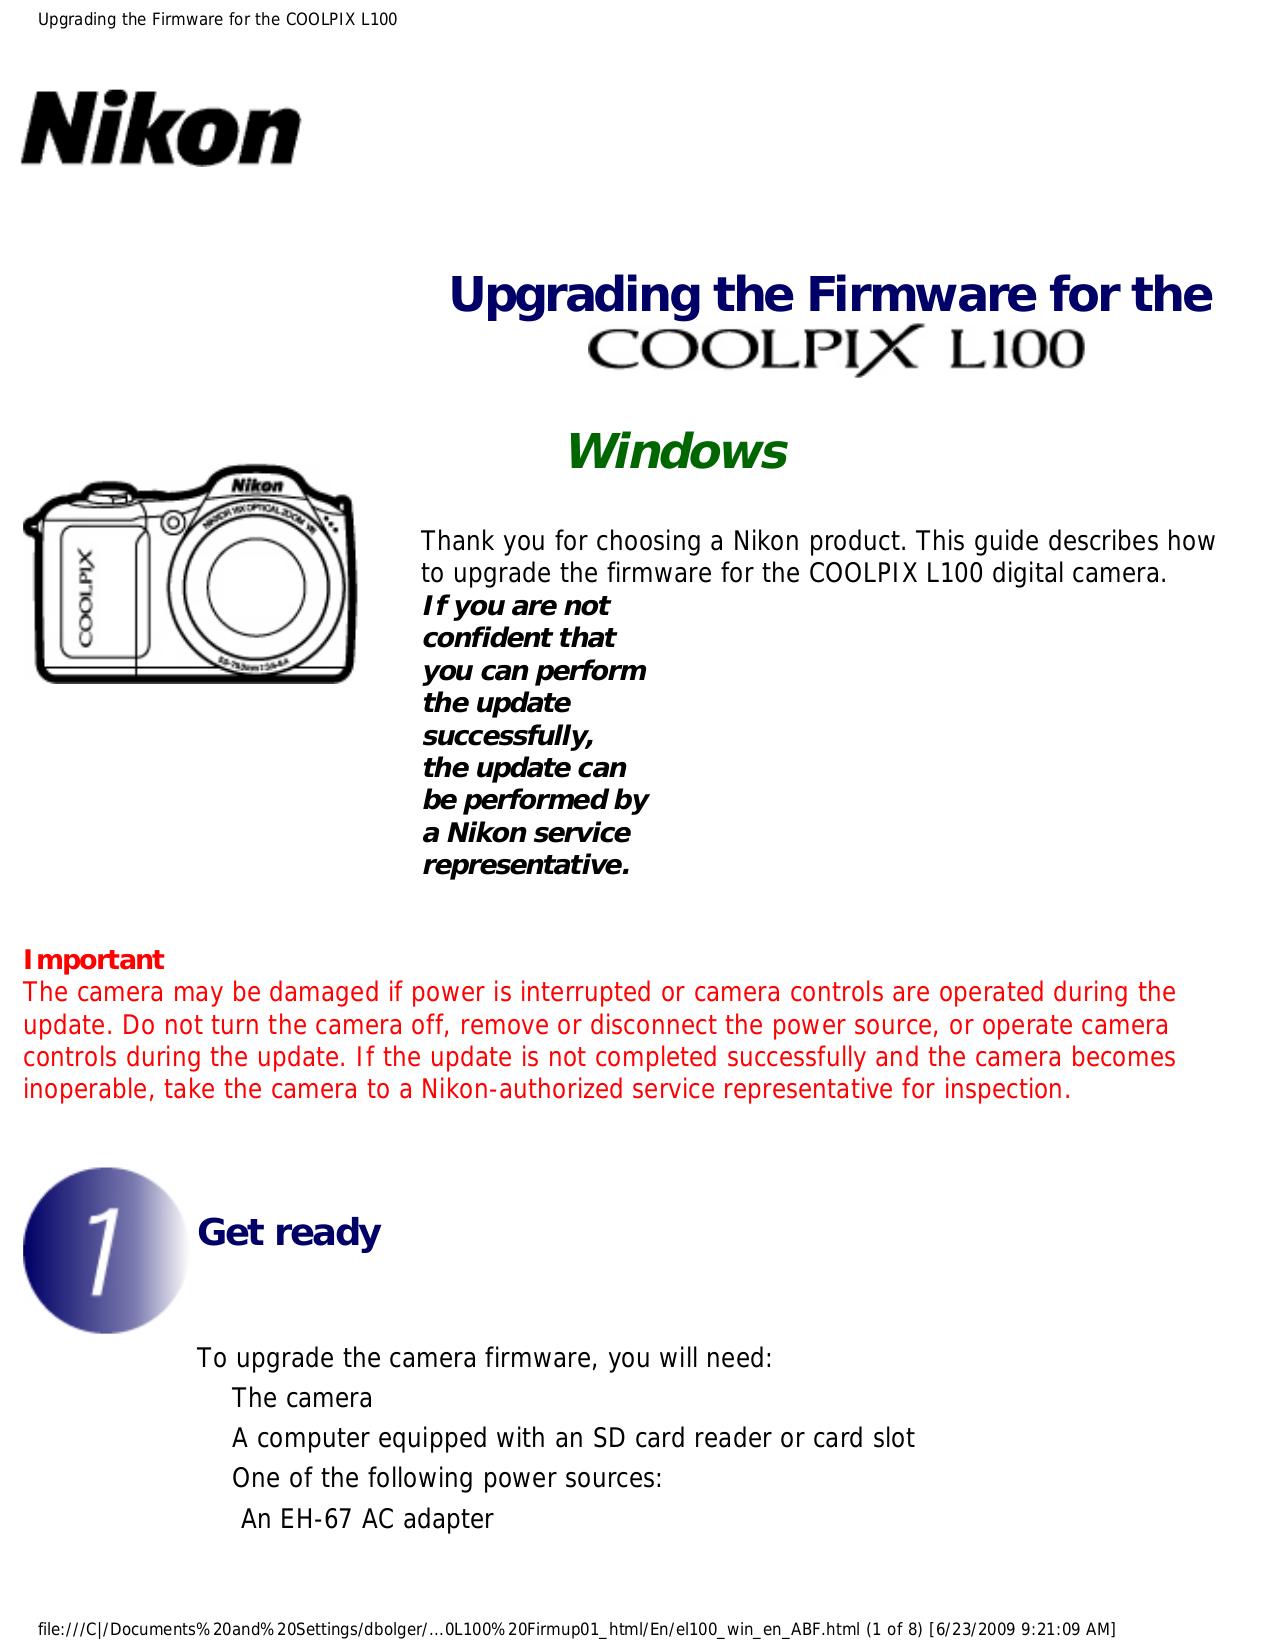 pdf manual for nikon digital camera coolpix l100